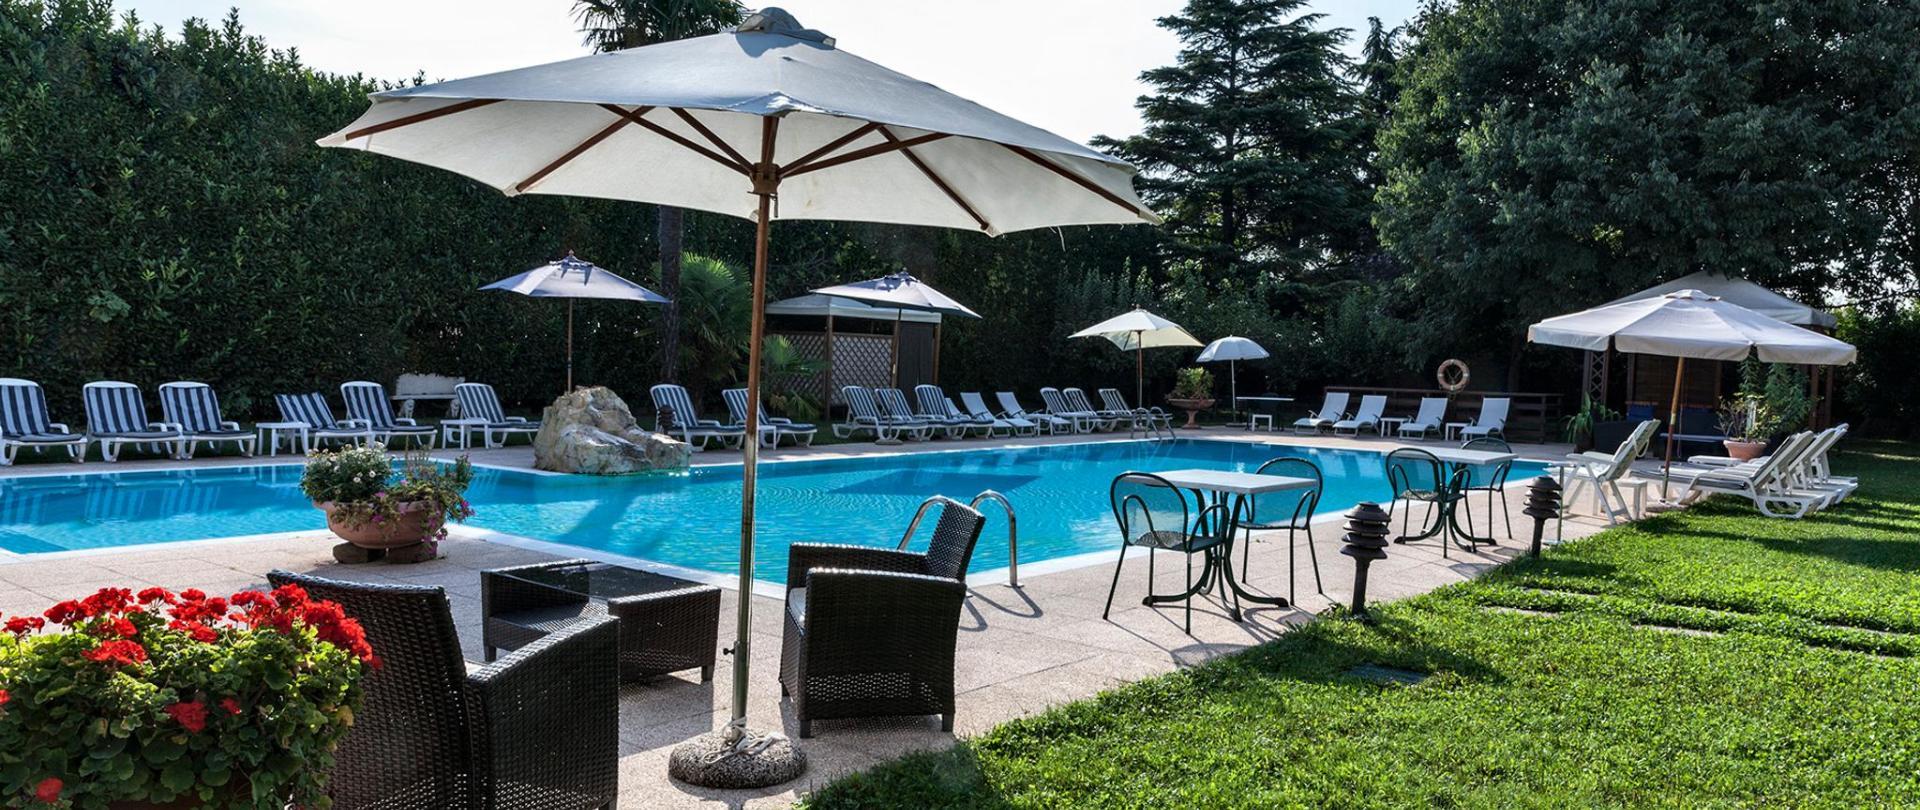 Hotel Saccardi piscina_giorno_ms100-70 _MG_6015.jpg